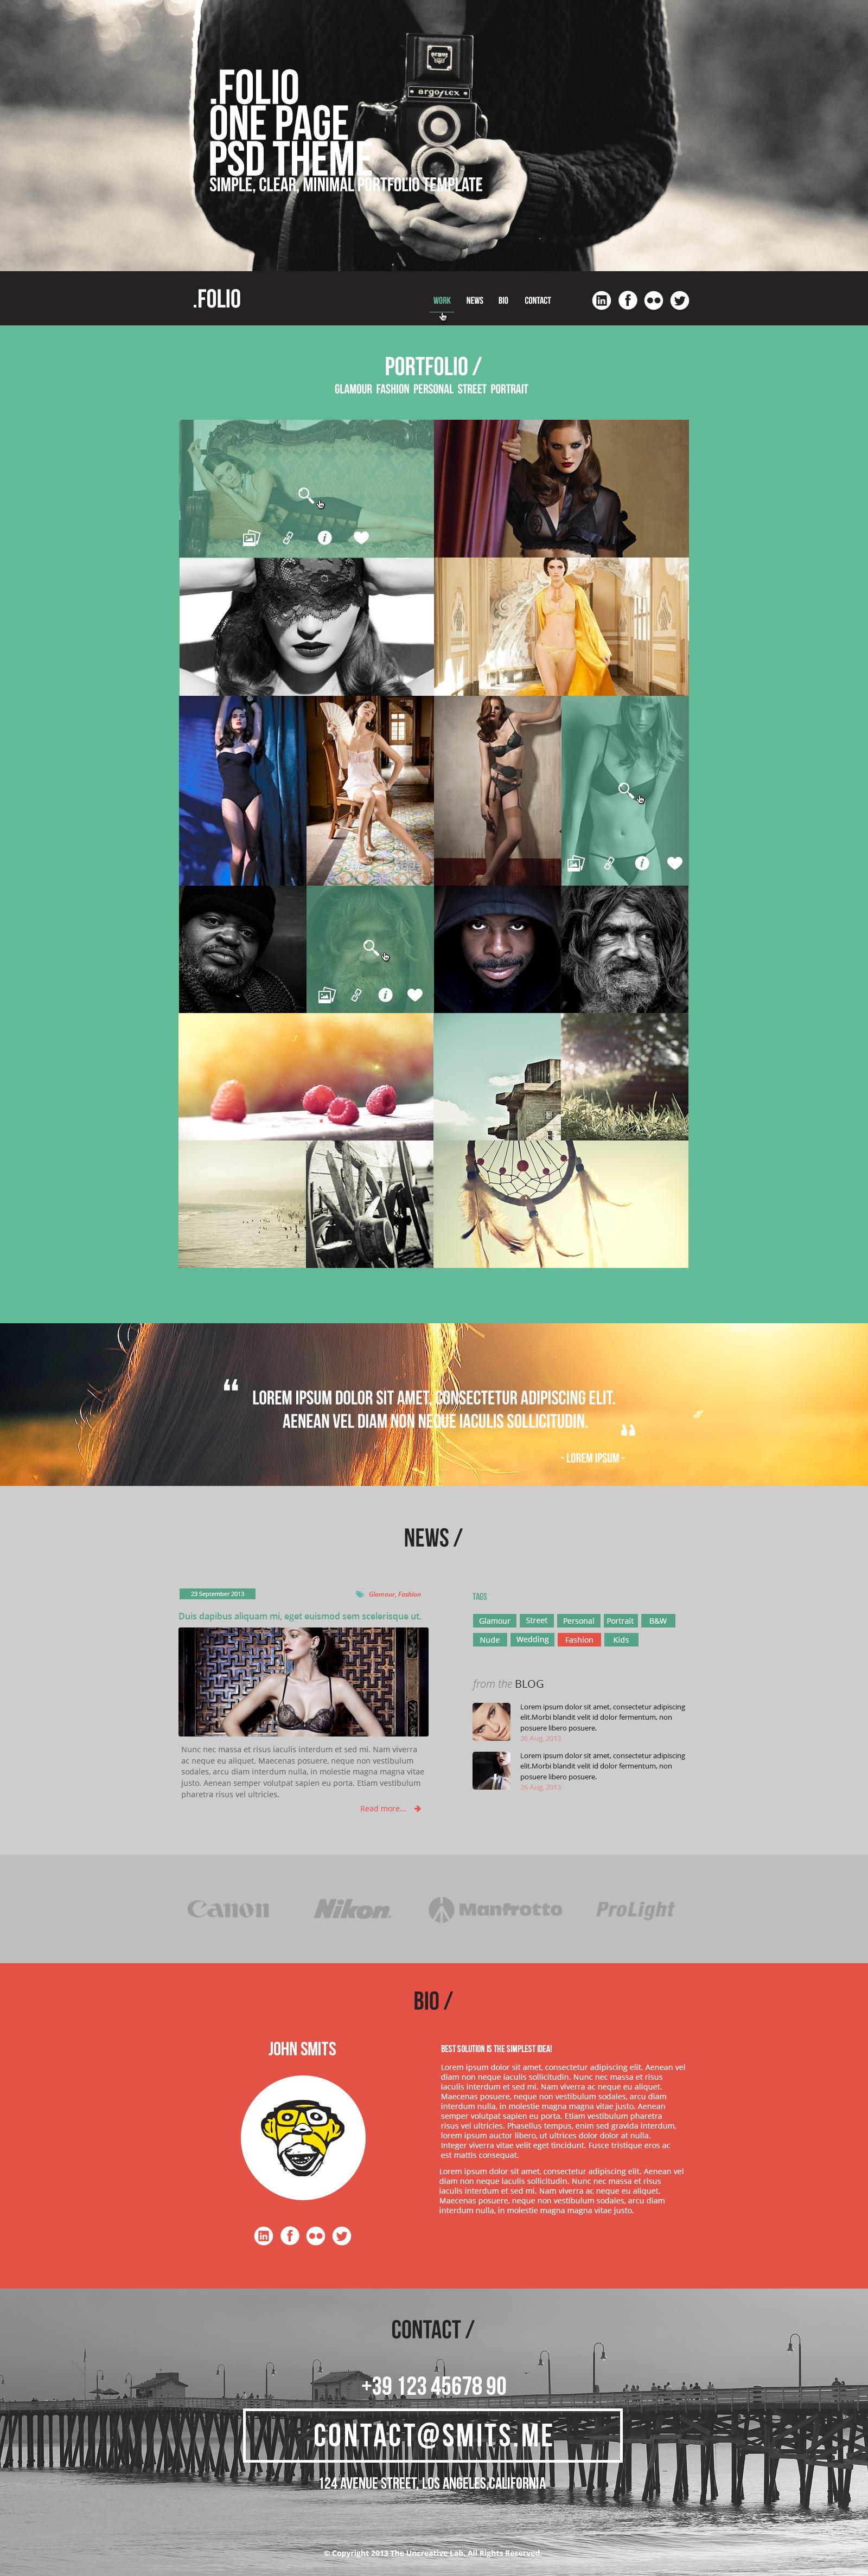 portfolio-free-website-psd